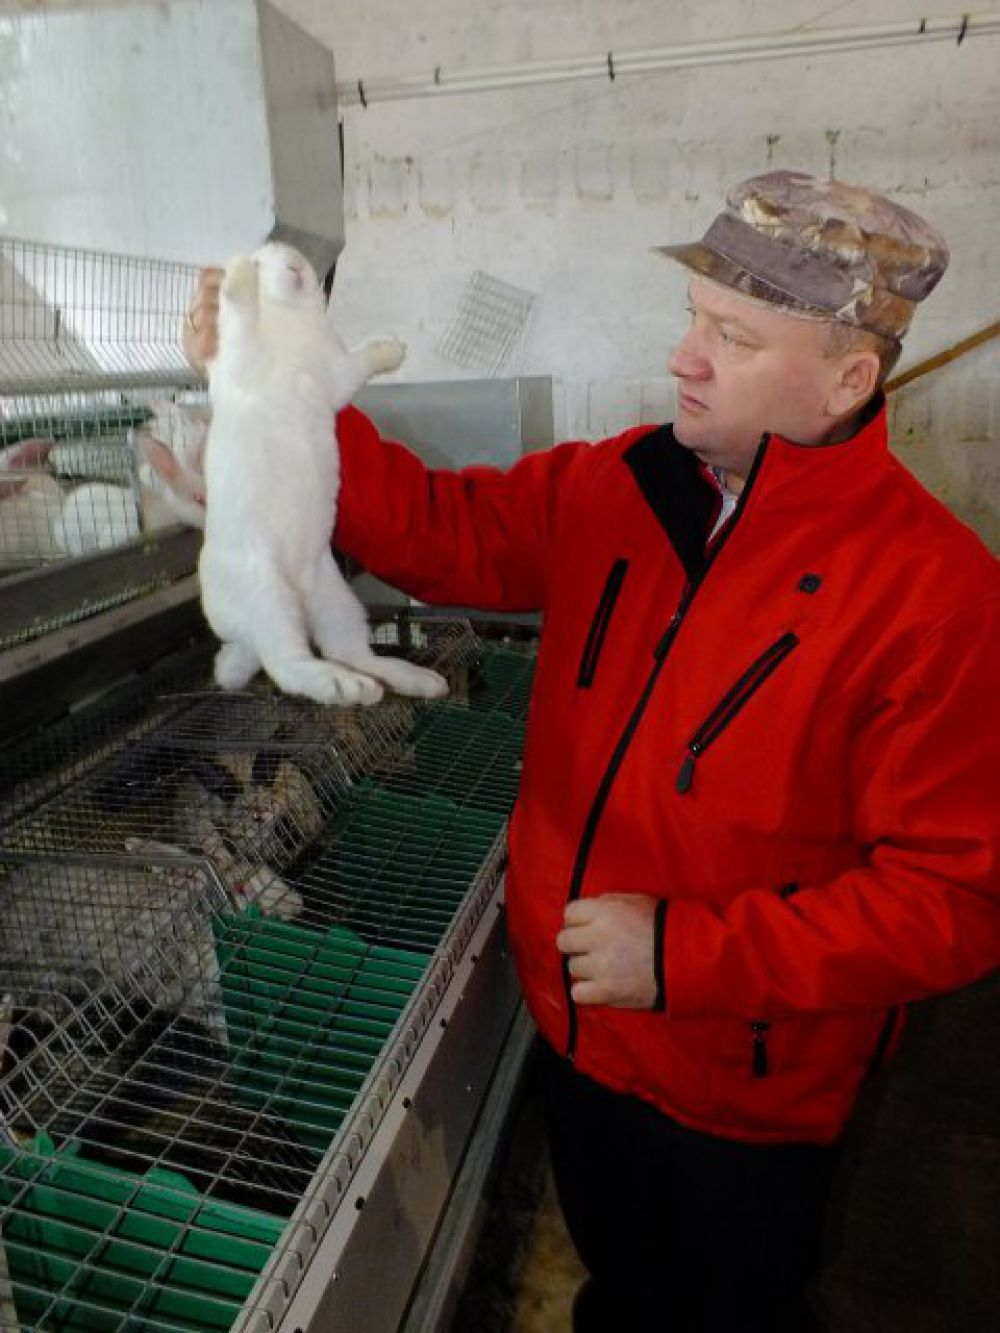 Кроликов держат именно так, а не за уши, как думают некоторые.